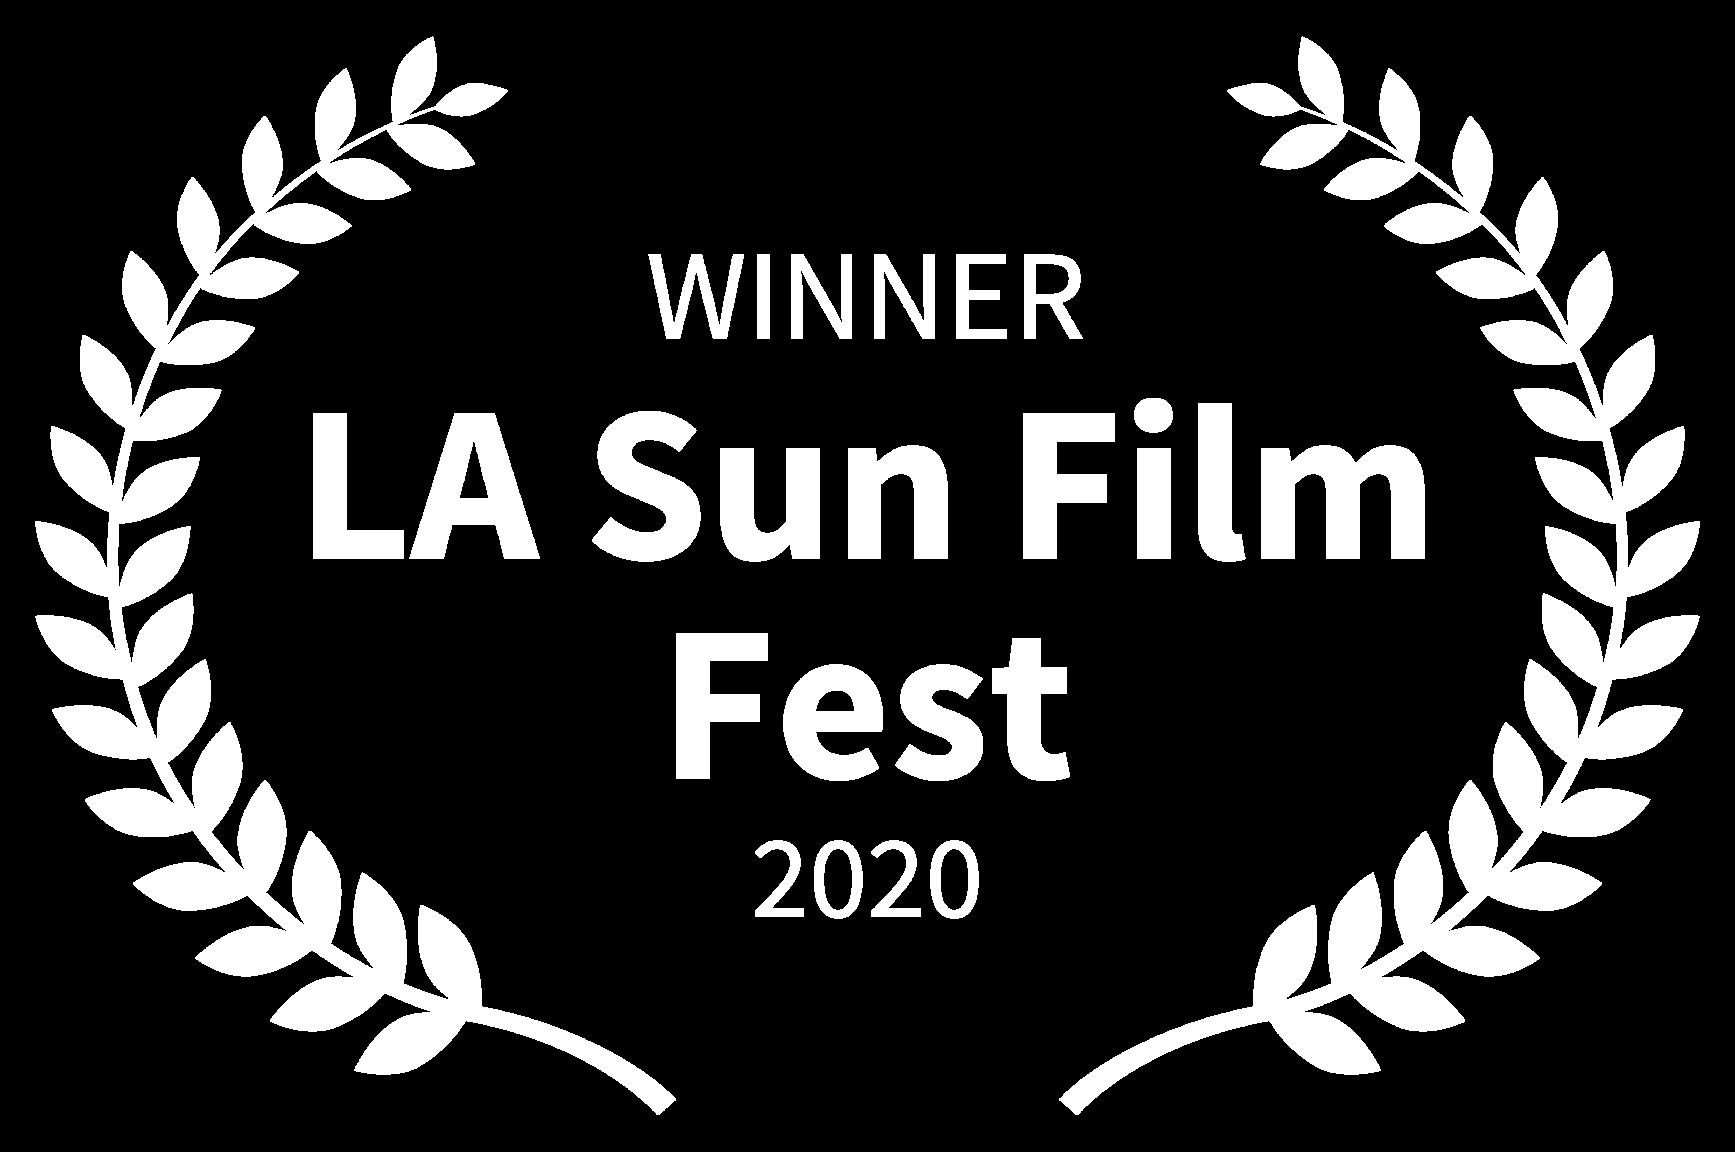 WINNER-LA-Sun-Film-Fest-2020